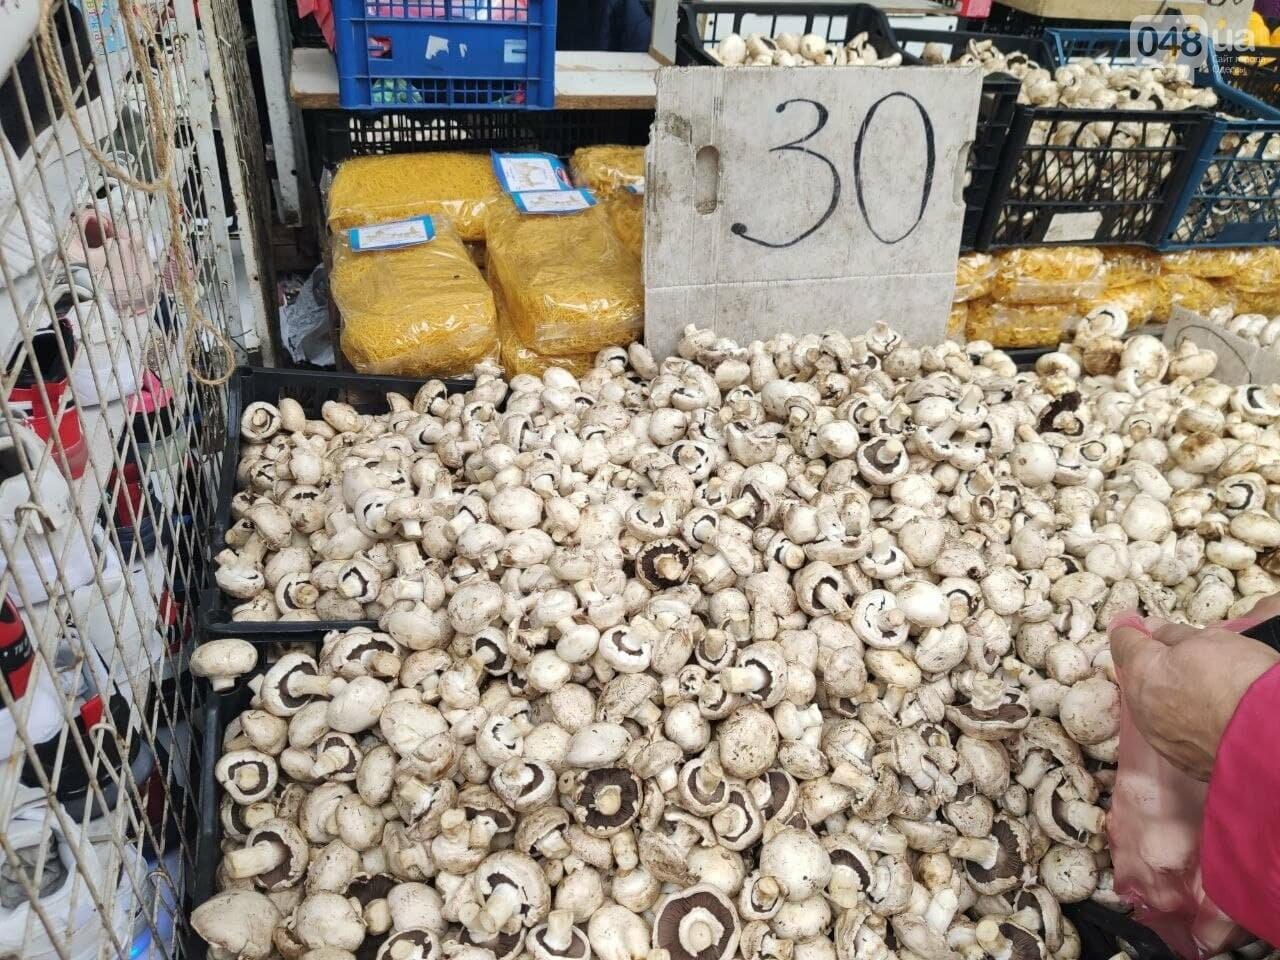 Молодой картофель, клубника, кабачки: почем на одесском Привозе овощи и фрукты, - ФОТО, фото-3